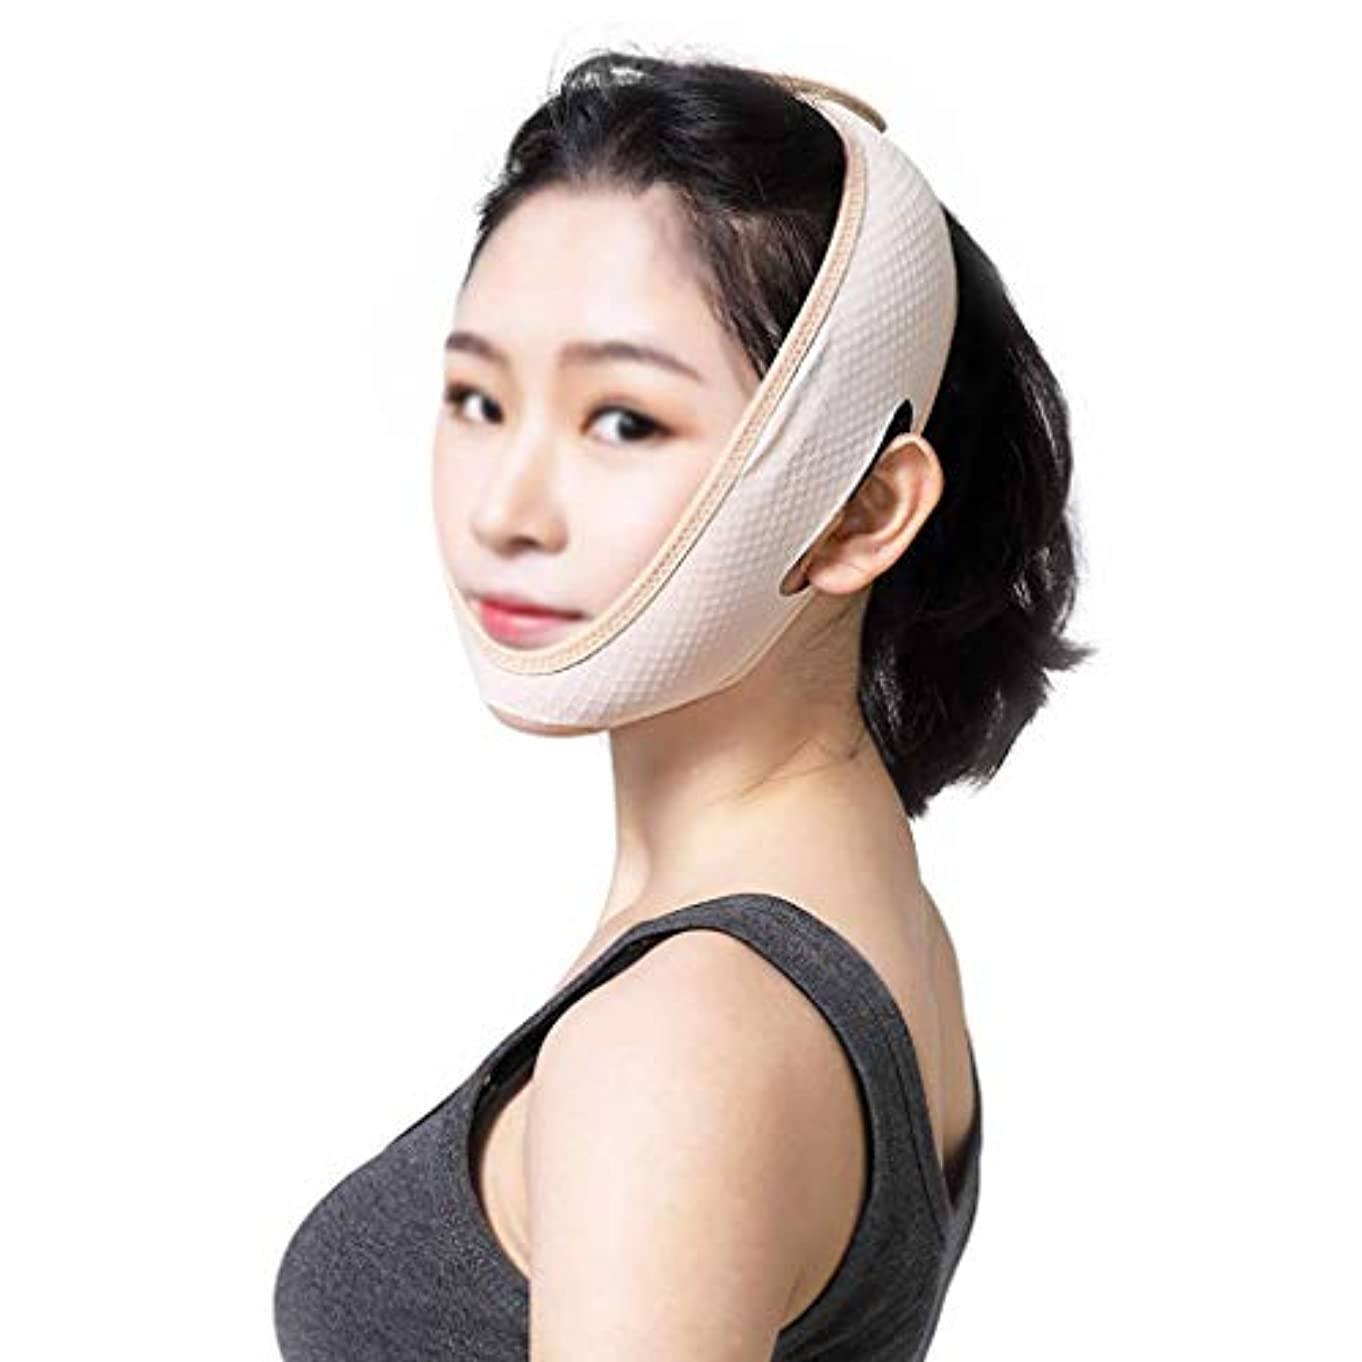 促すスクレーパー資金フェイスリフトマスク医療美容ライン彫刻術後回復マスクvフェイスリフティングタイトヘッドギアあごあご包帯薄い顔楽器アーティファクト